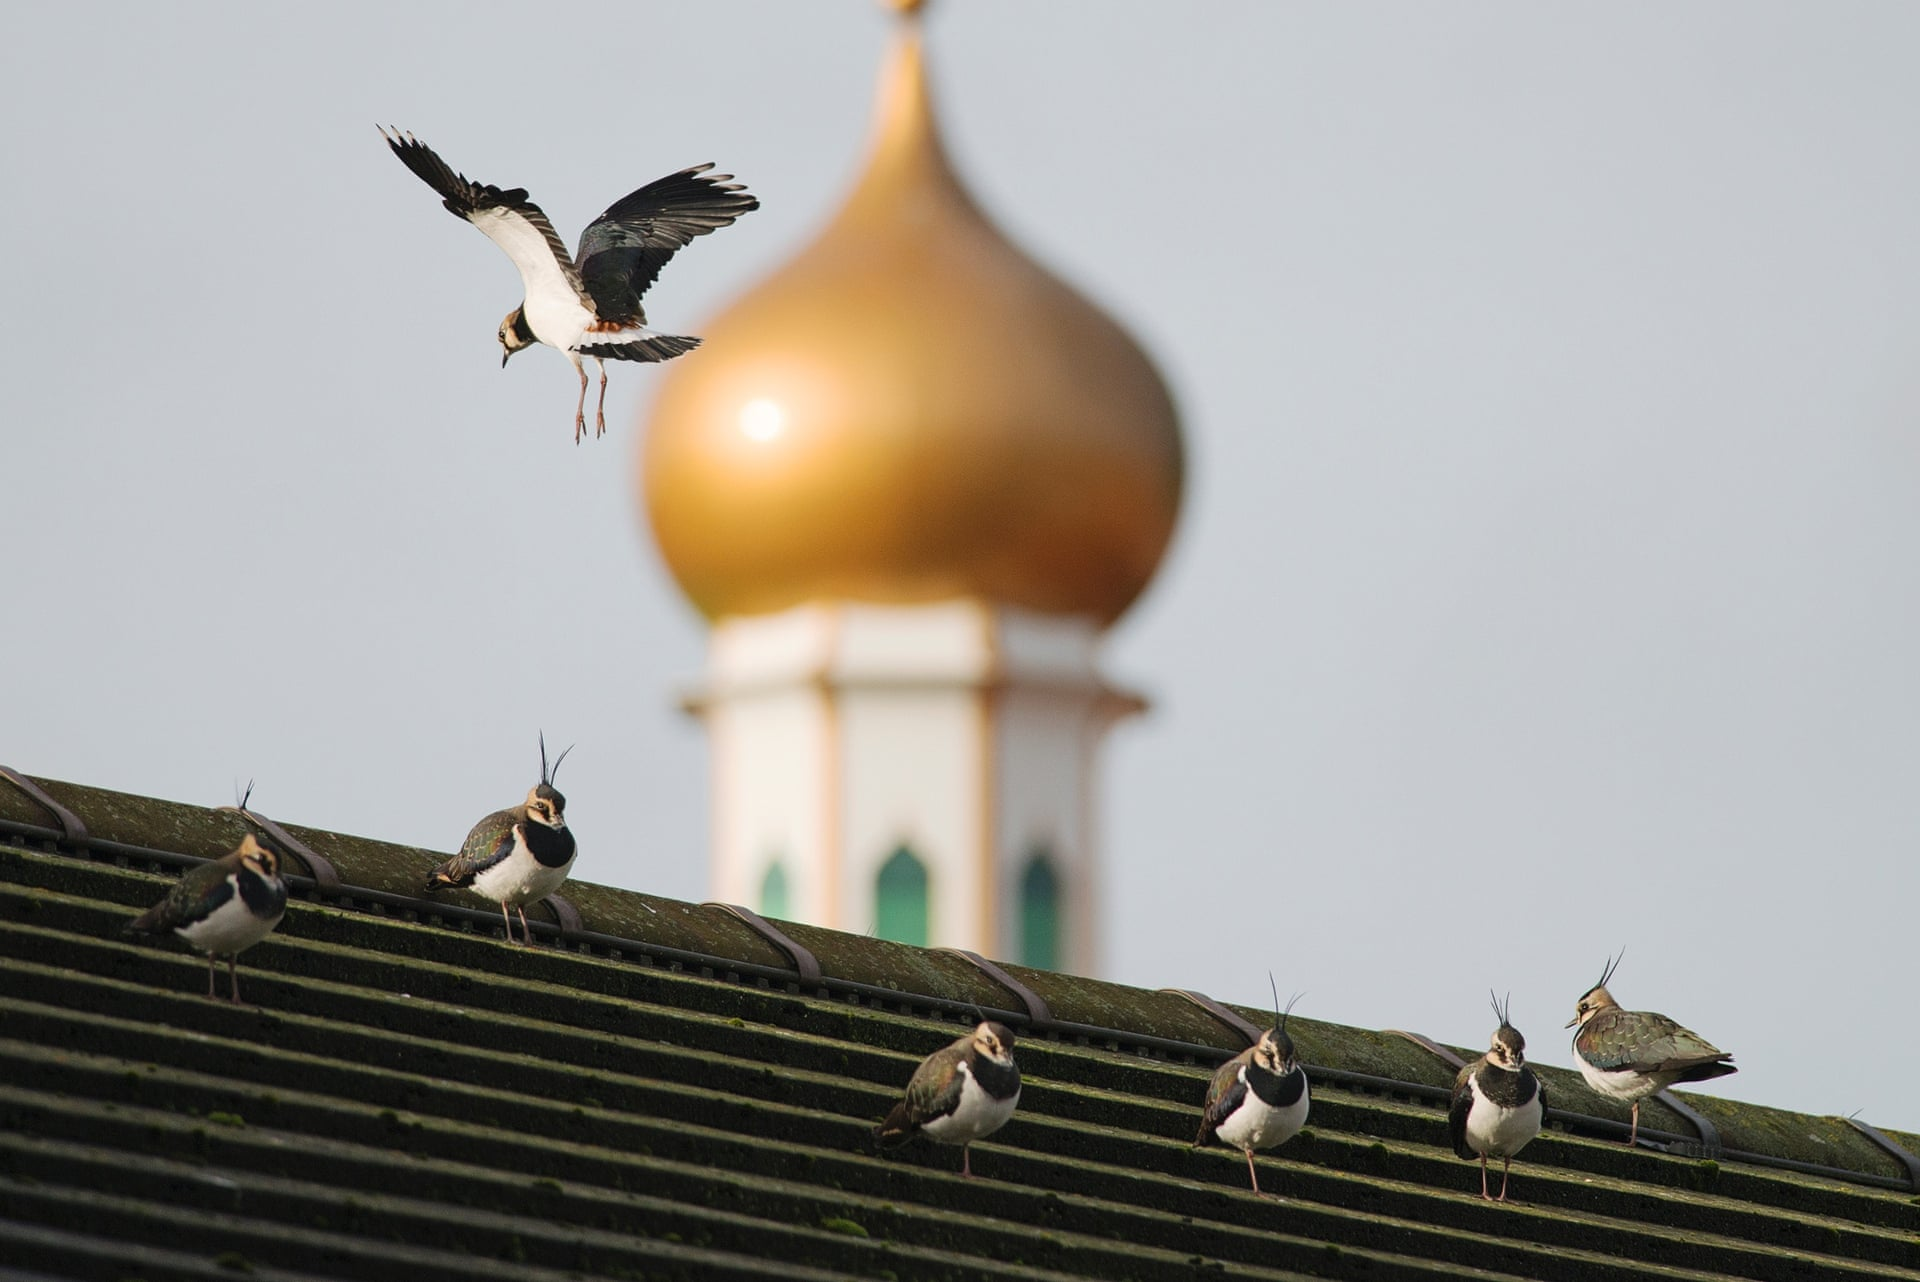 Городские чибисы на крыше в Манчестере